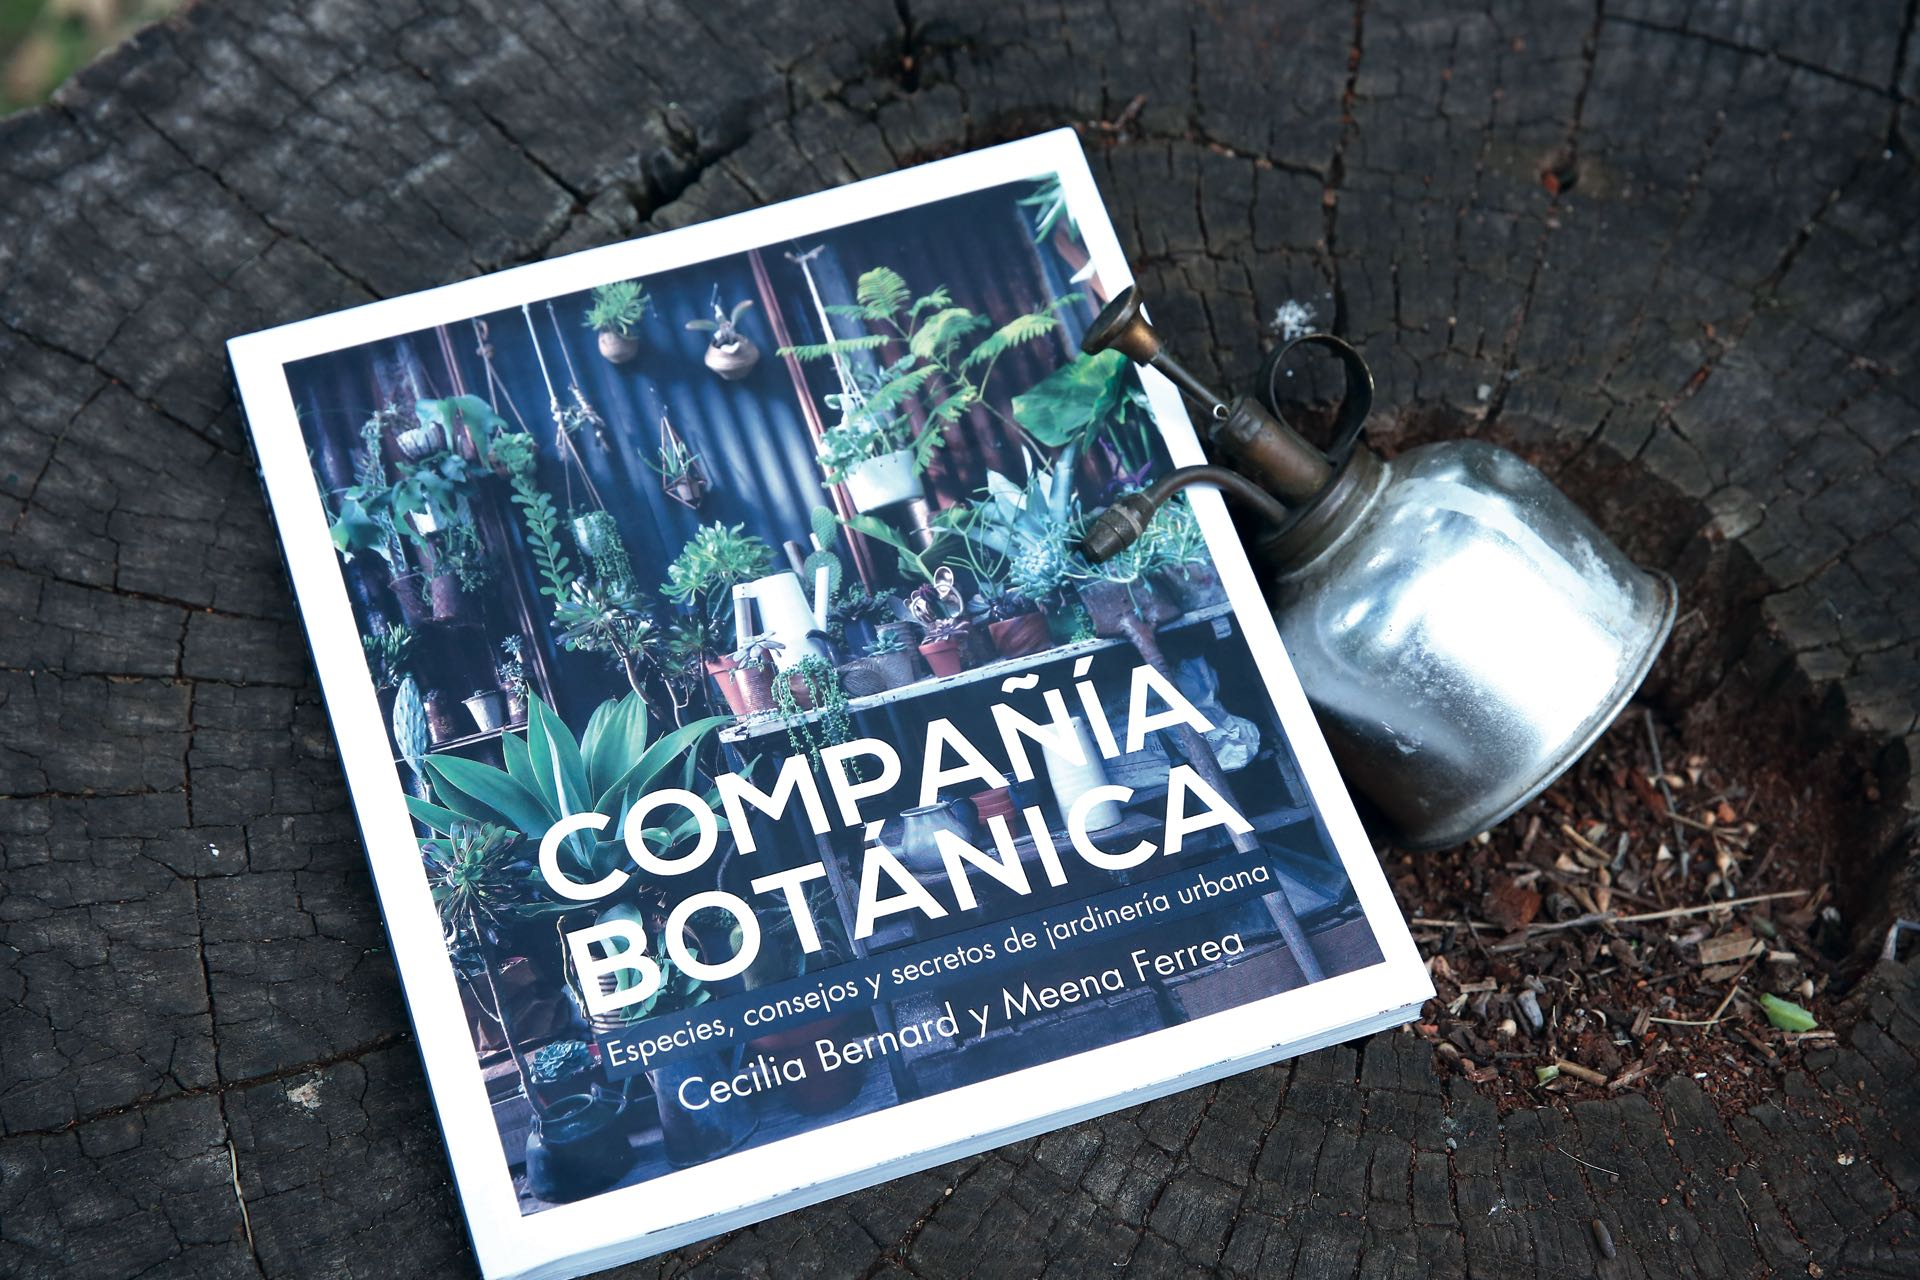 Compañía botánica (Ed.Grijalbo). Foto Maxi Didari/ Para Ti